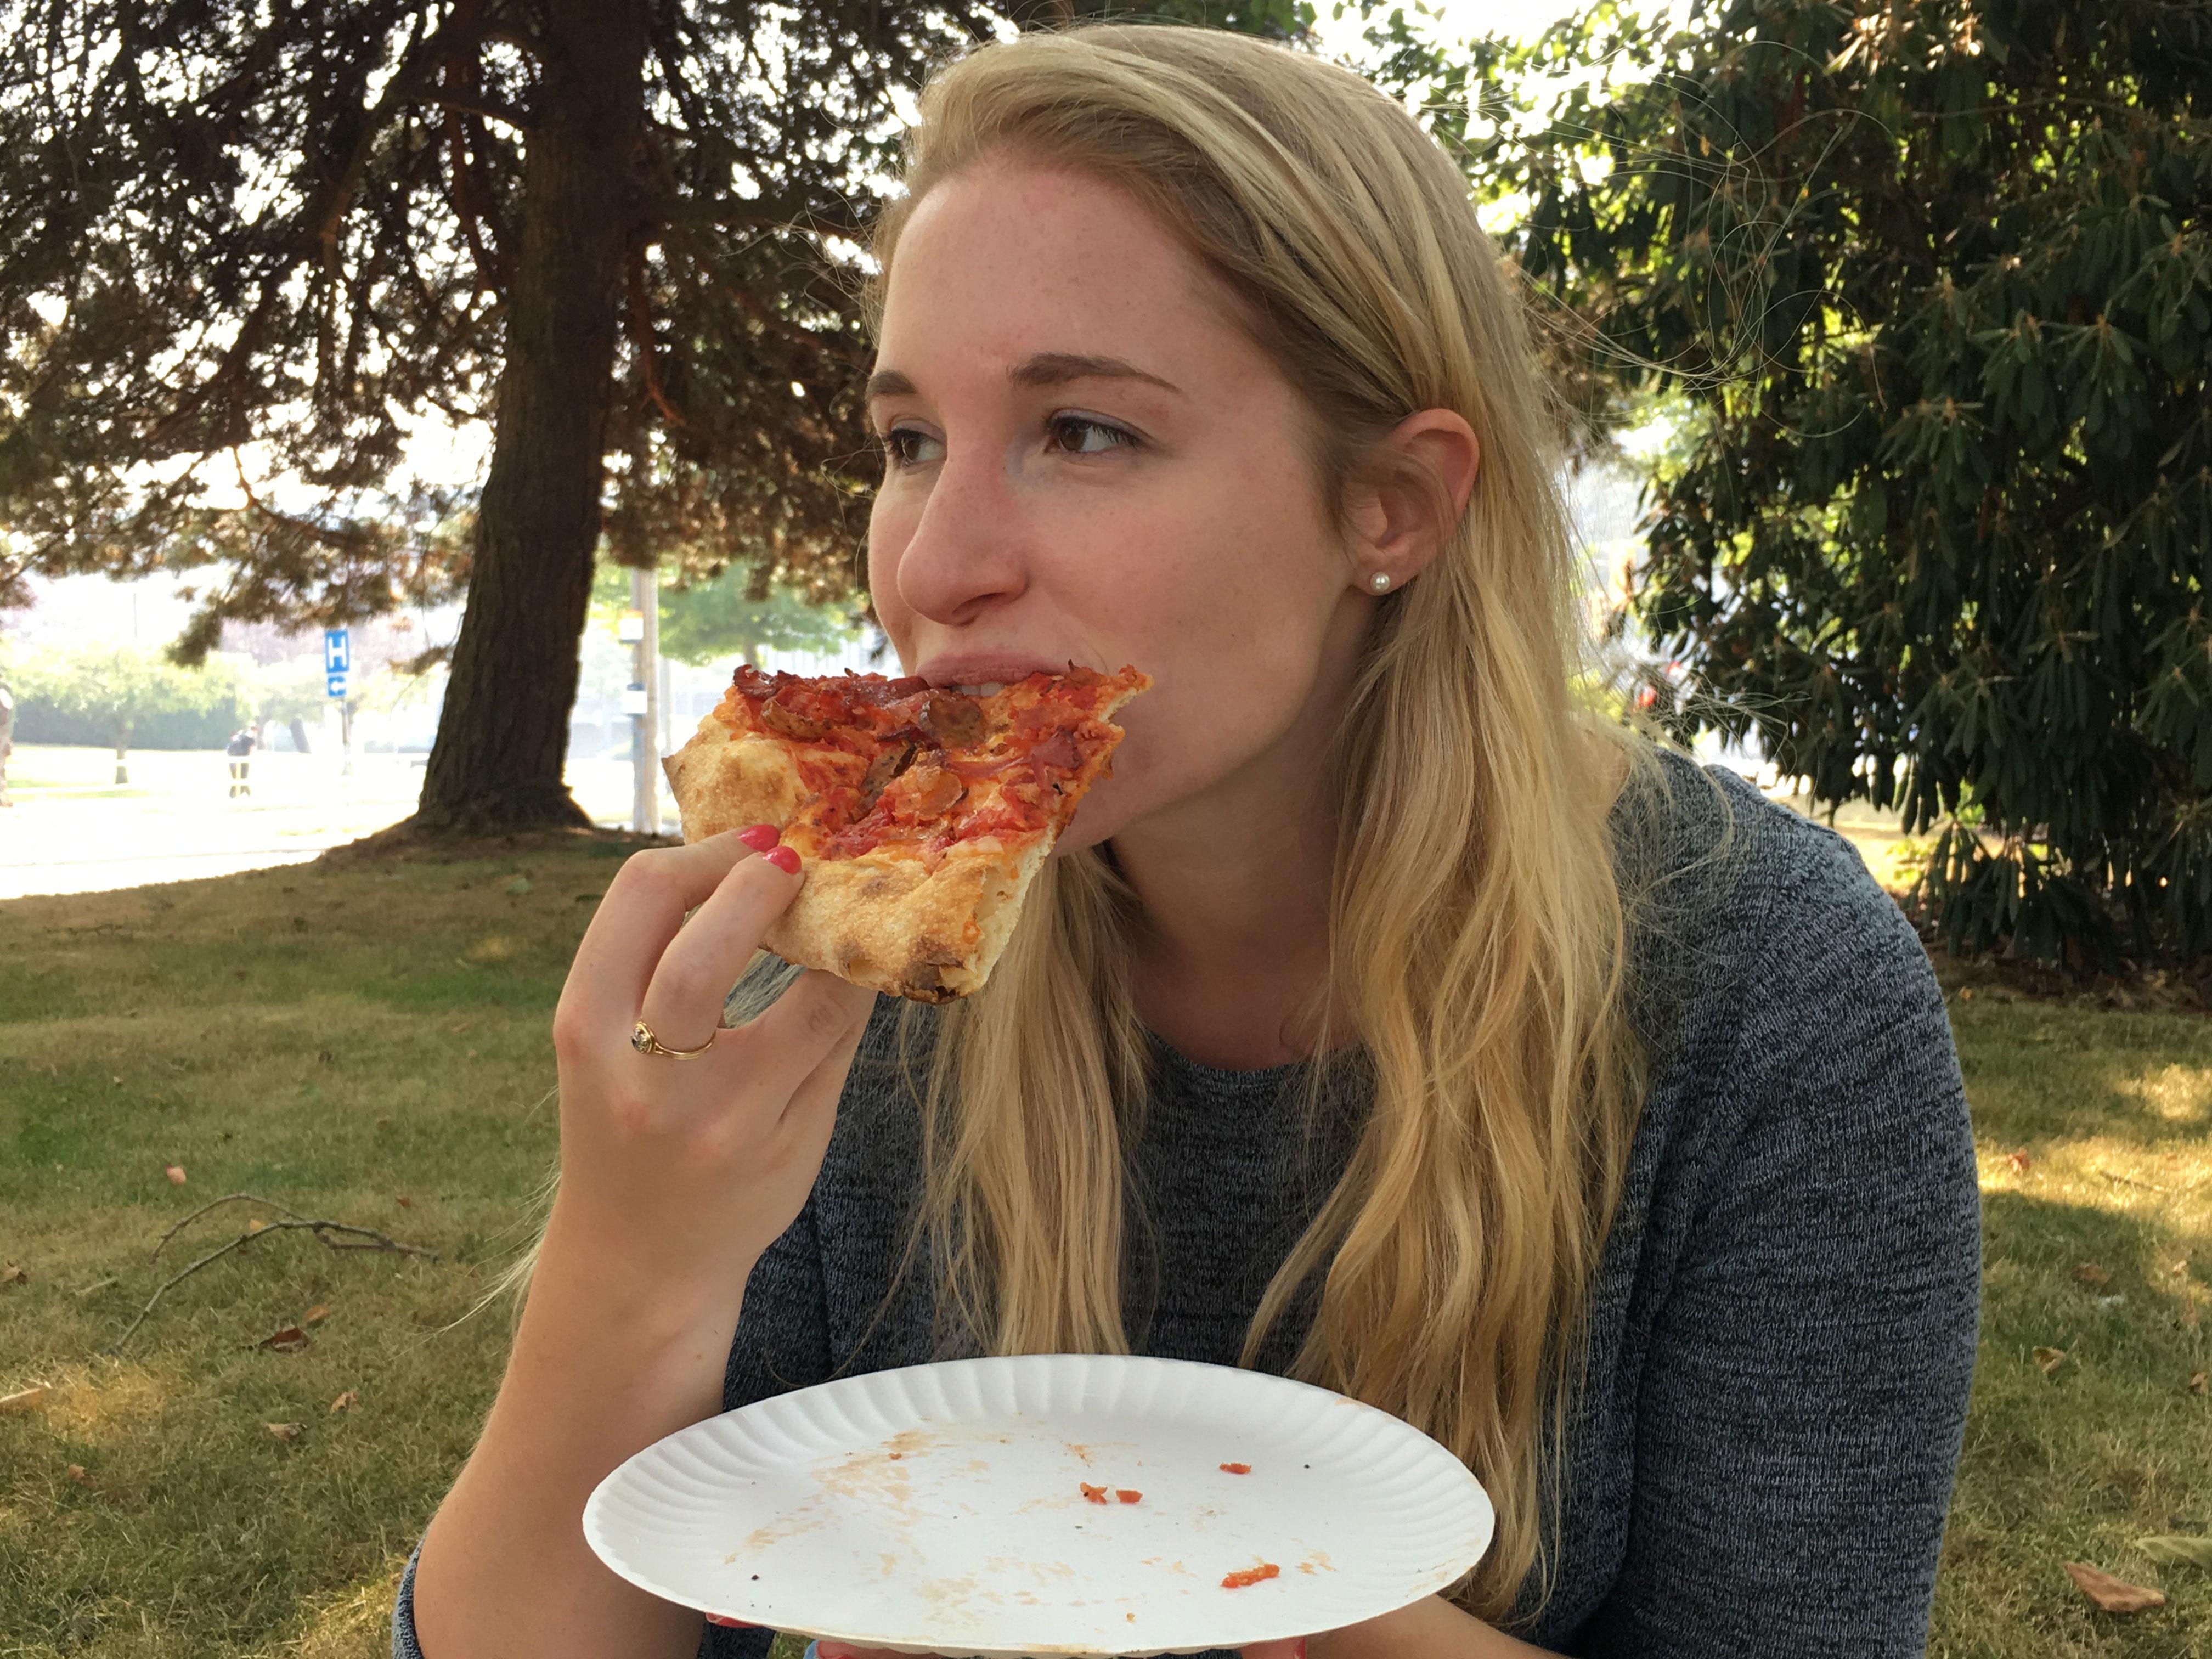 Sarah biting her pizza